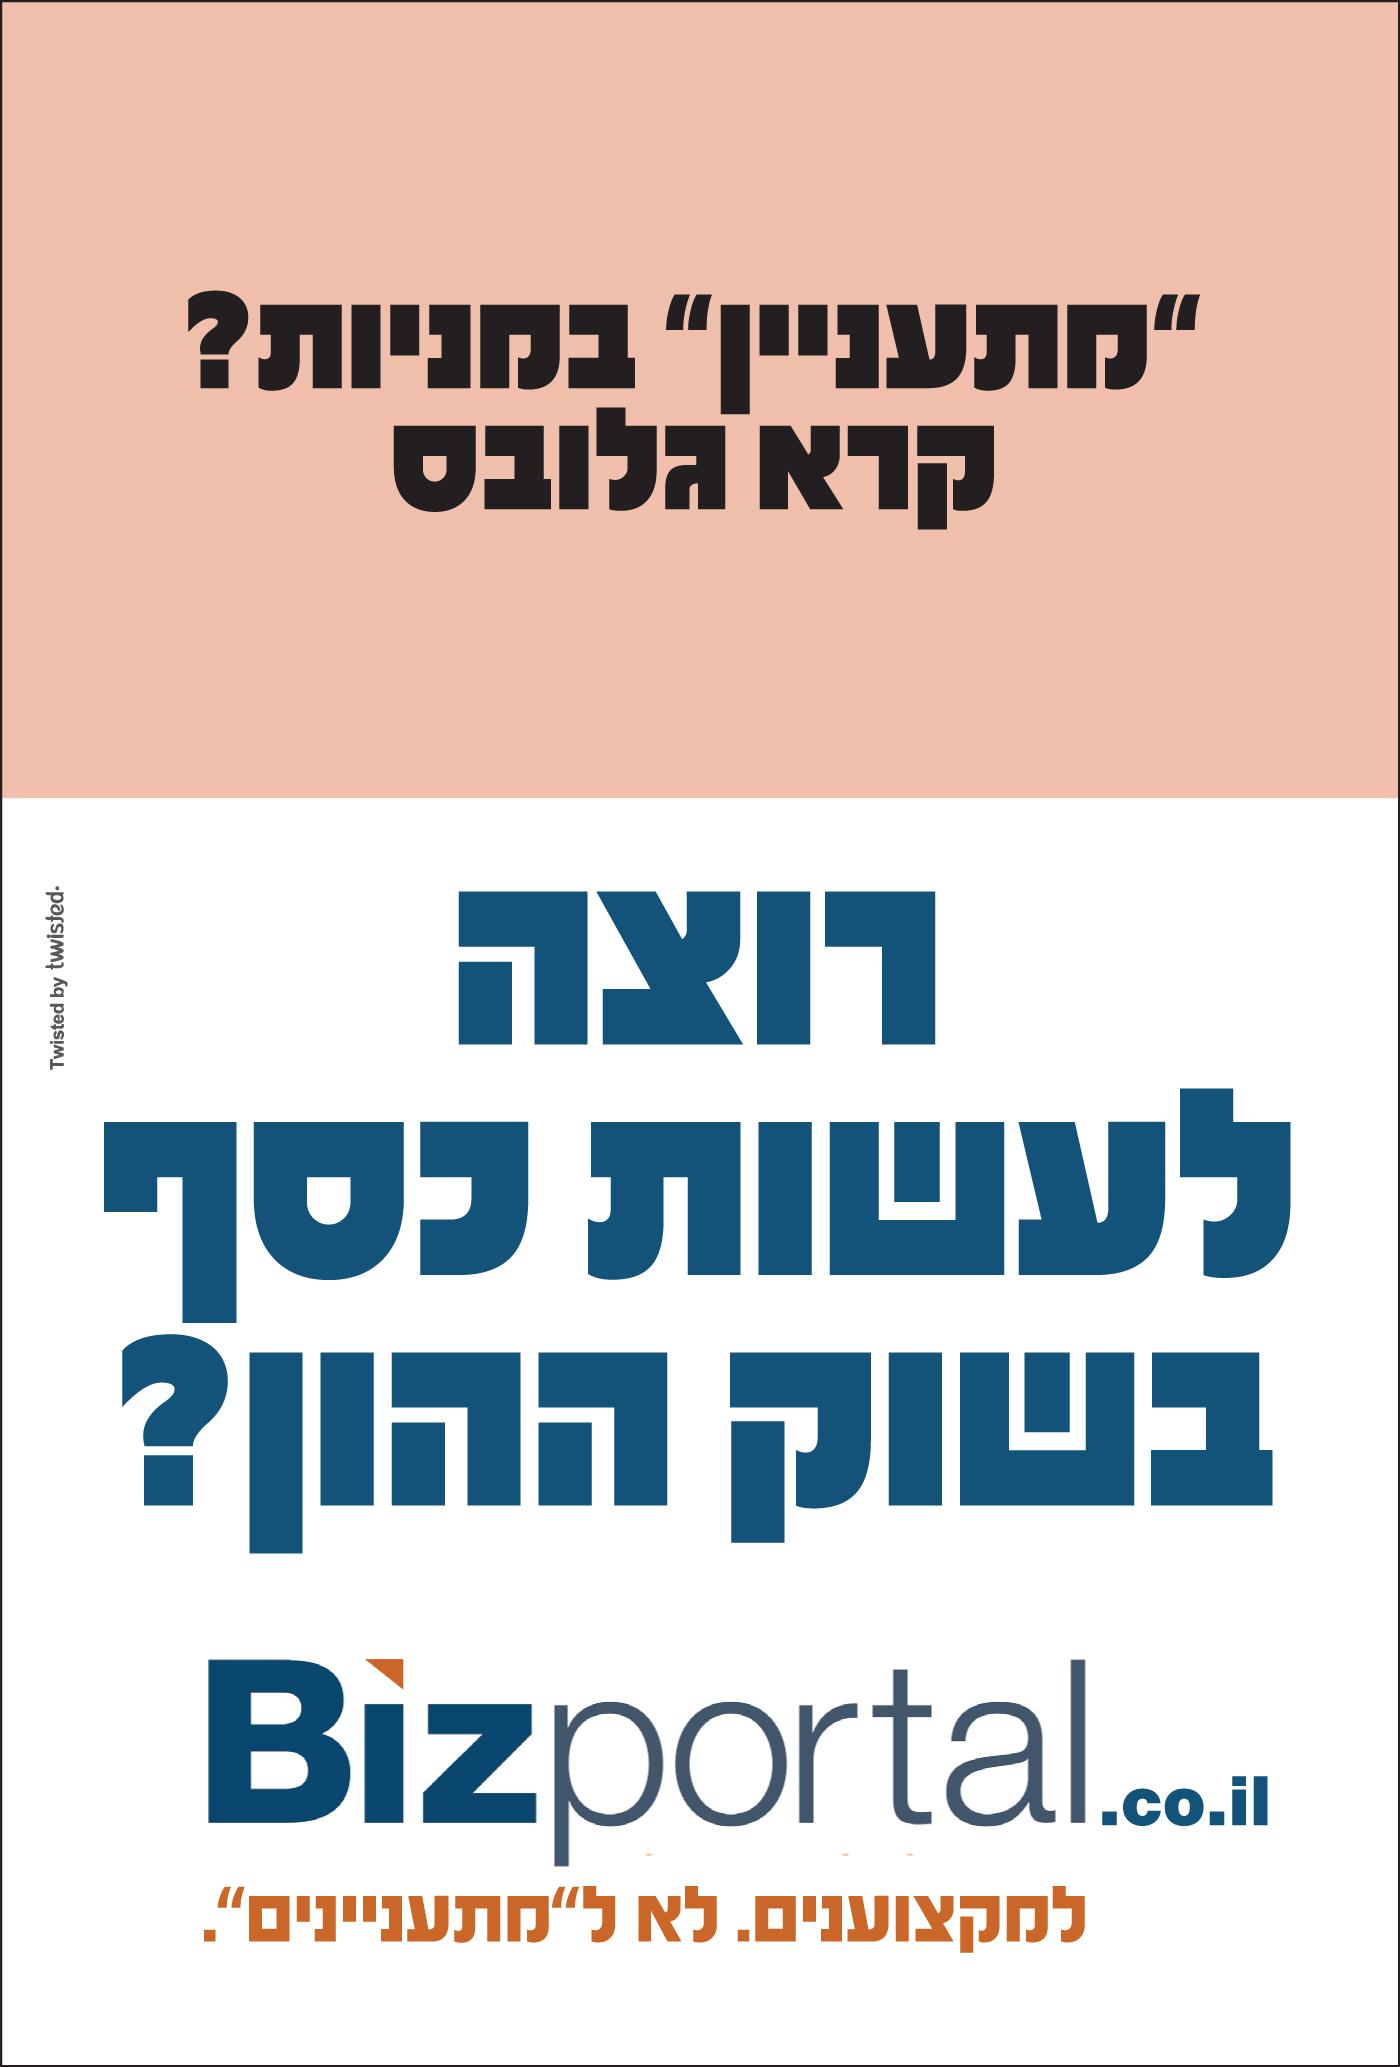 שילוט חוצות: טוויסטד בקמפיין משולב לביזפורטל - קו מנחה